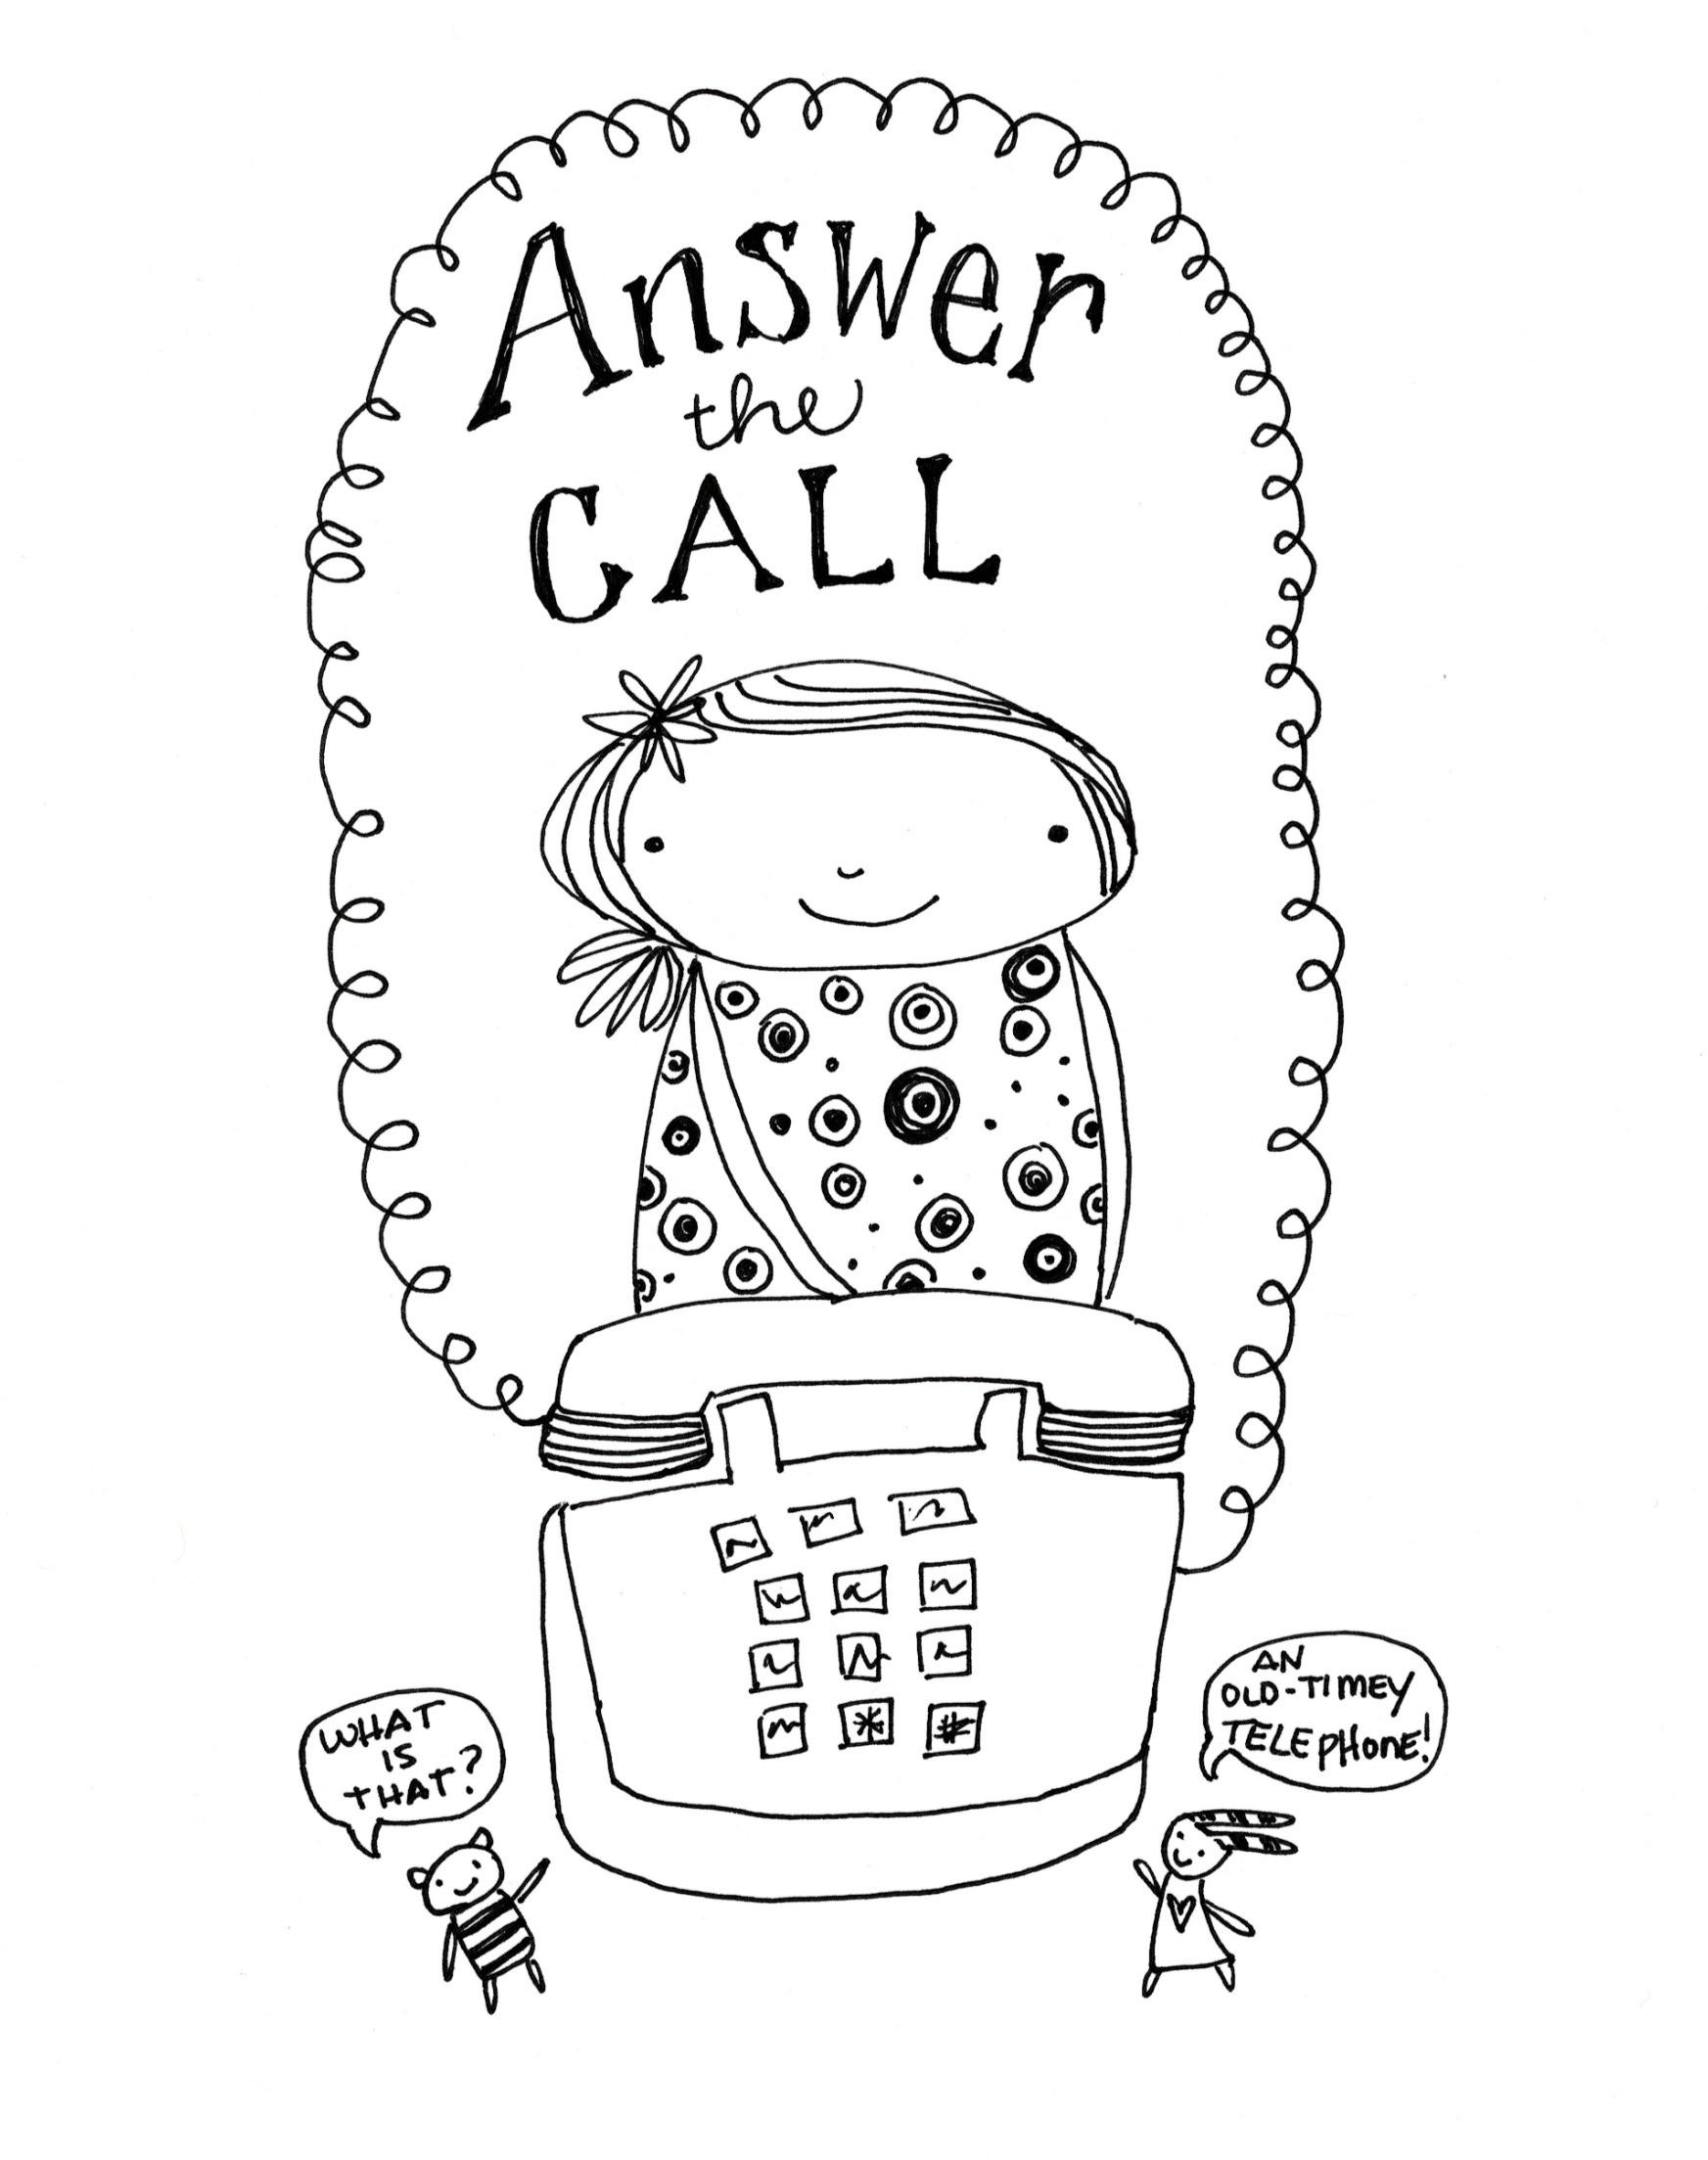 Private Encouragement Calls